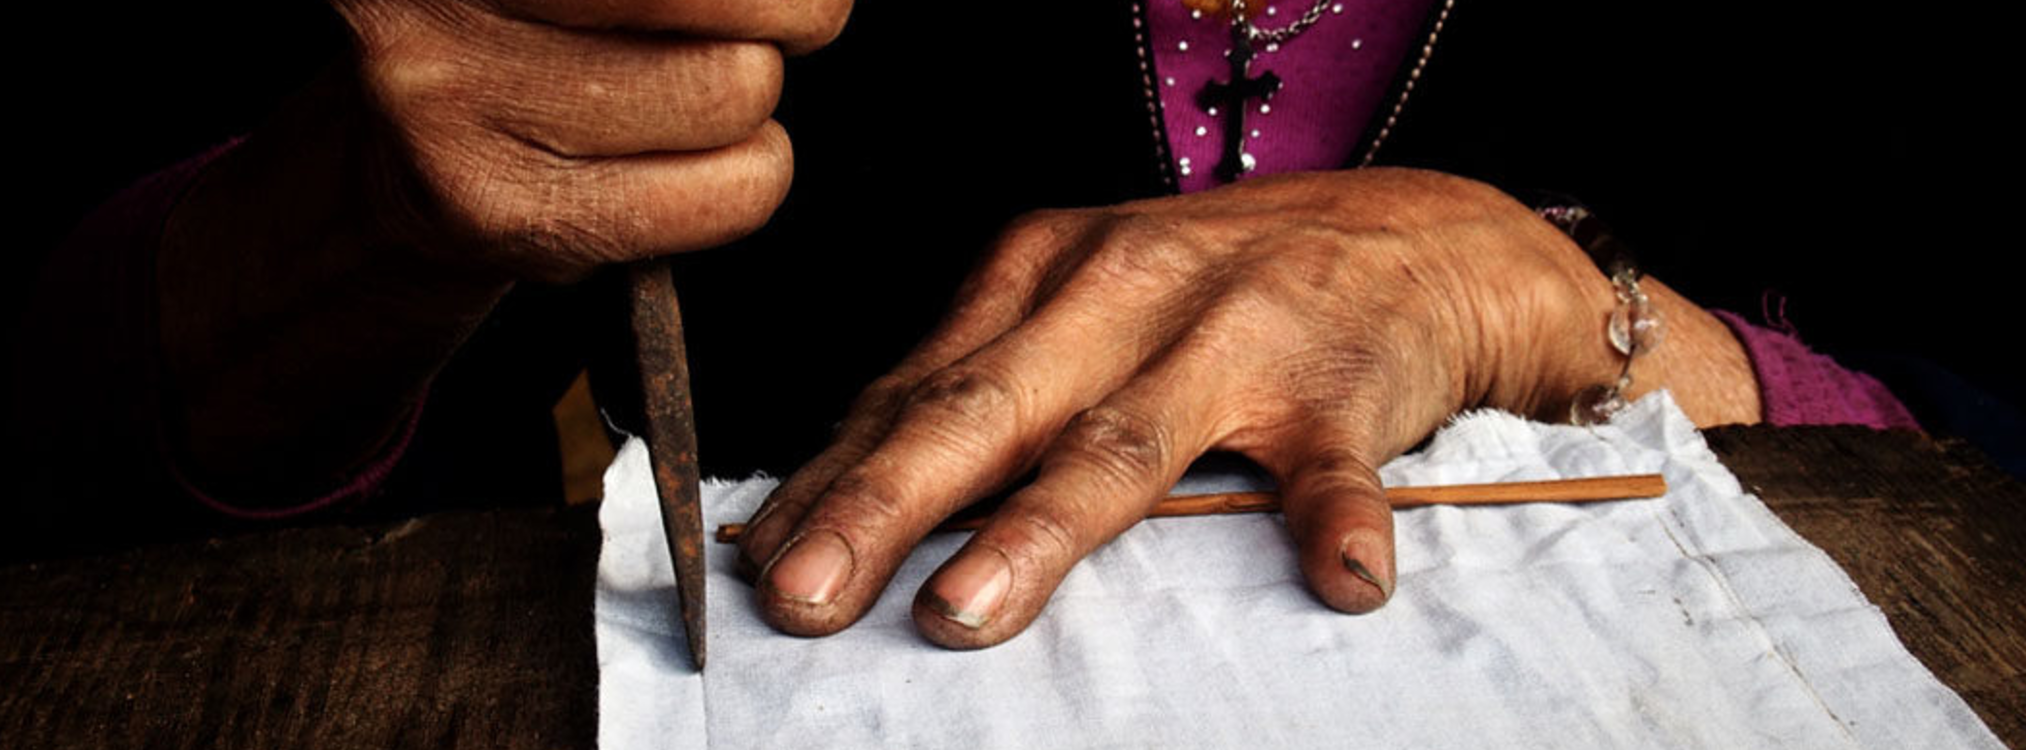 White Hmong Woman Artisan Bags Vietnam